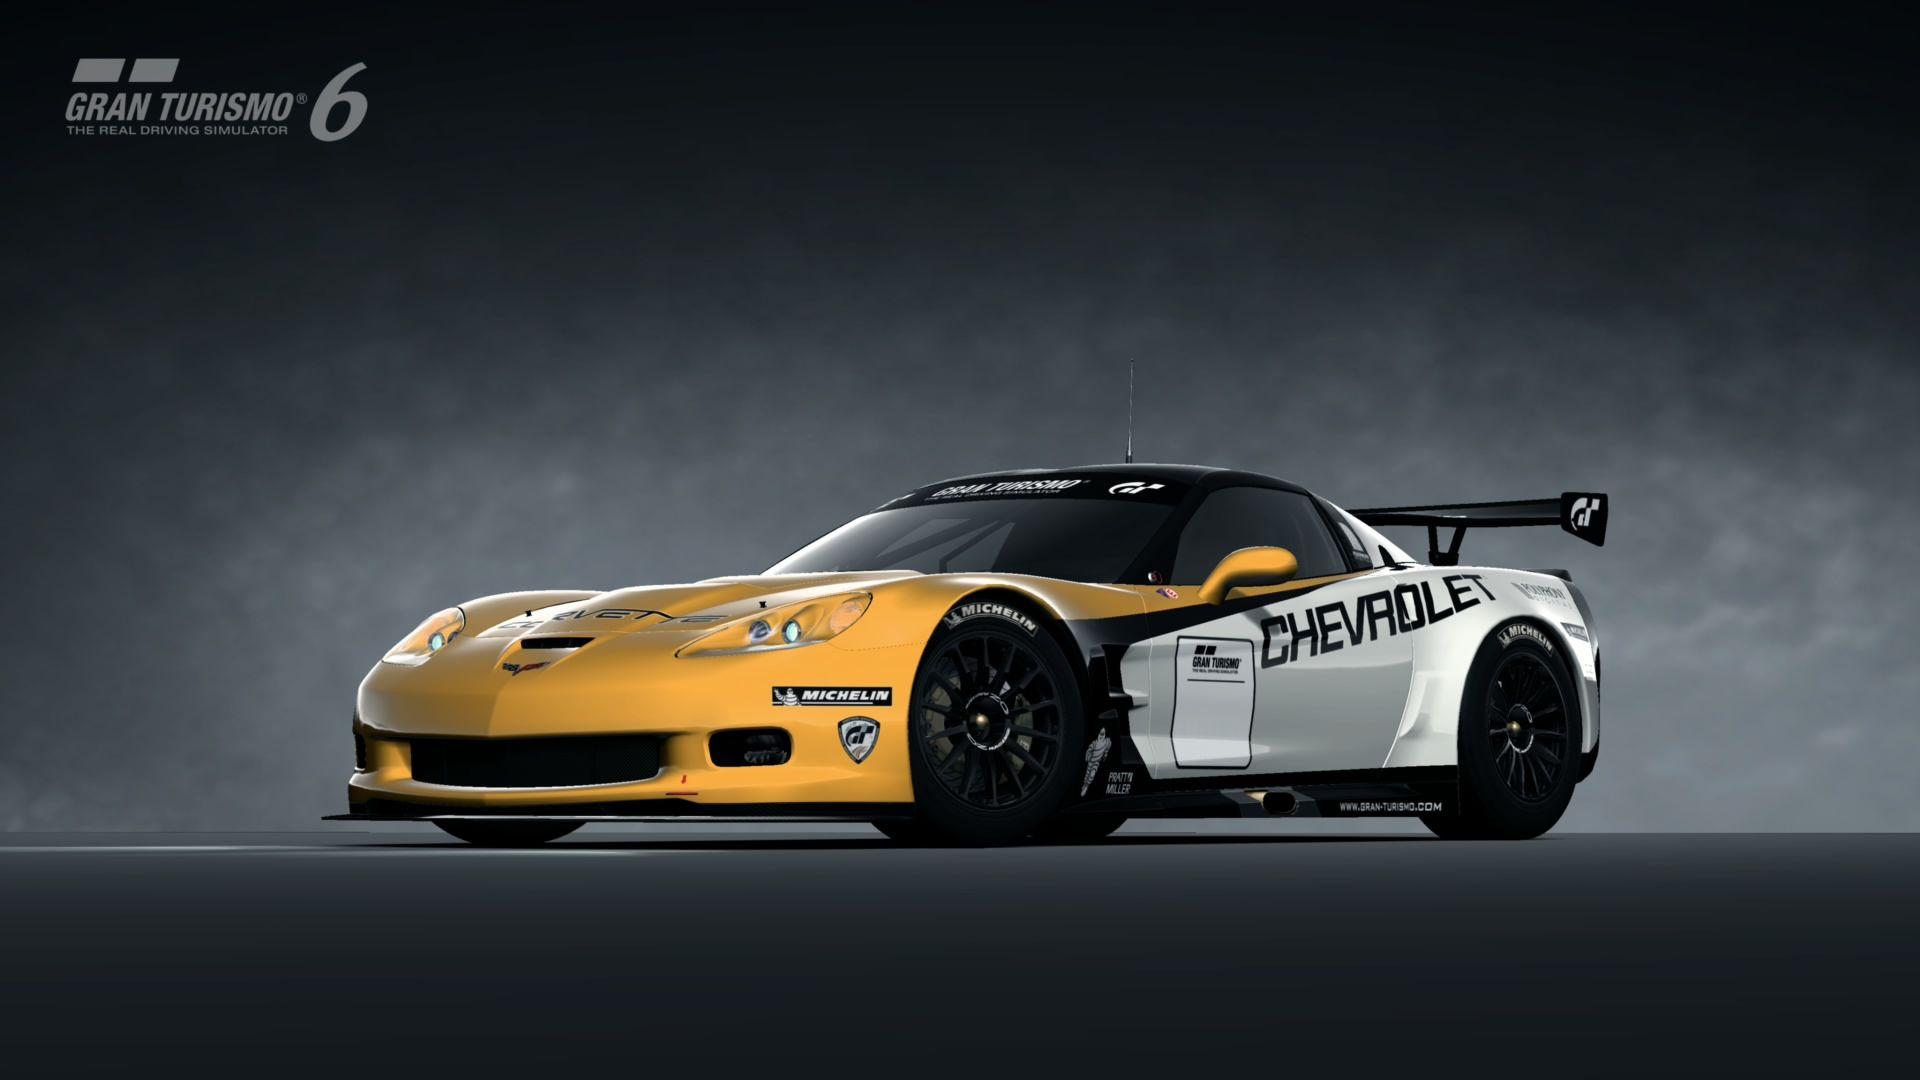 Chevrolet Corvette Zr1 C6 Lm Race Car 09